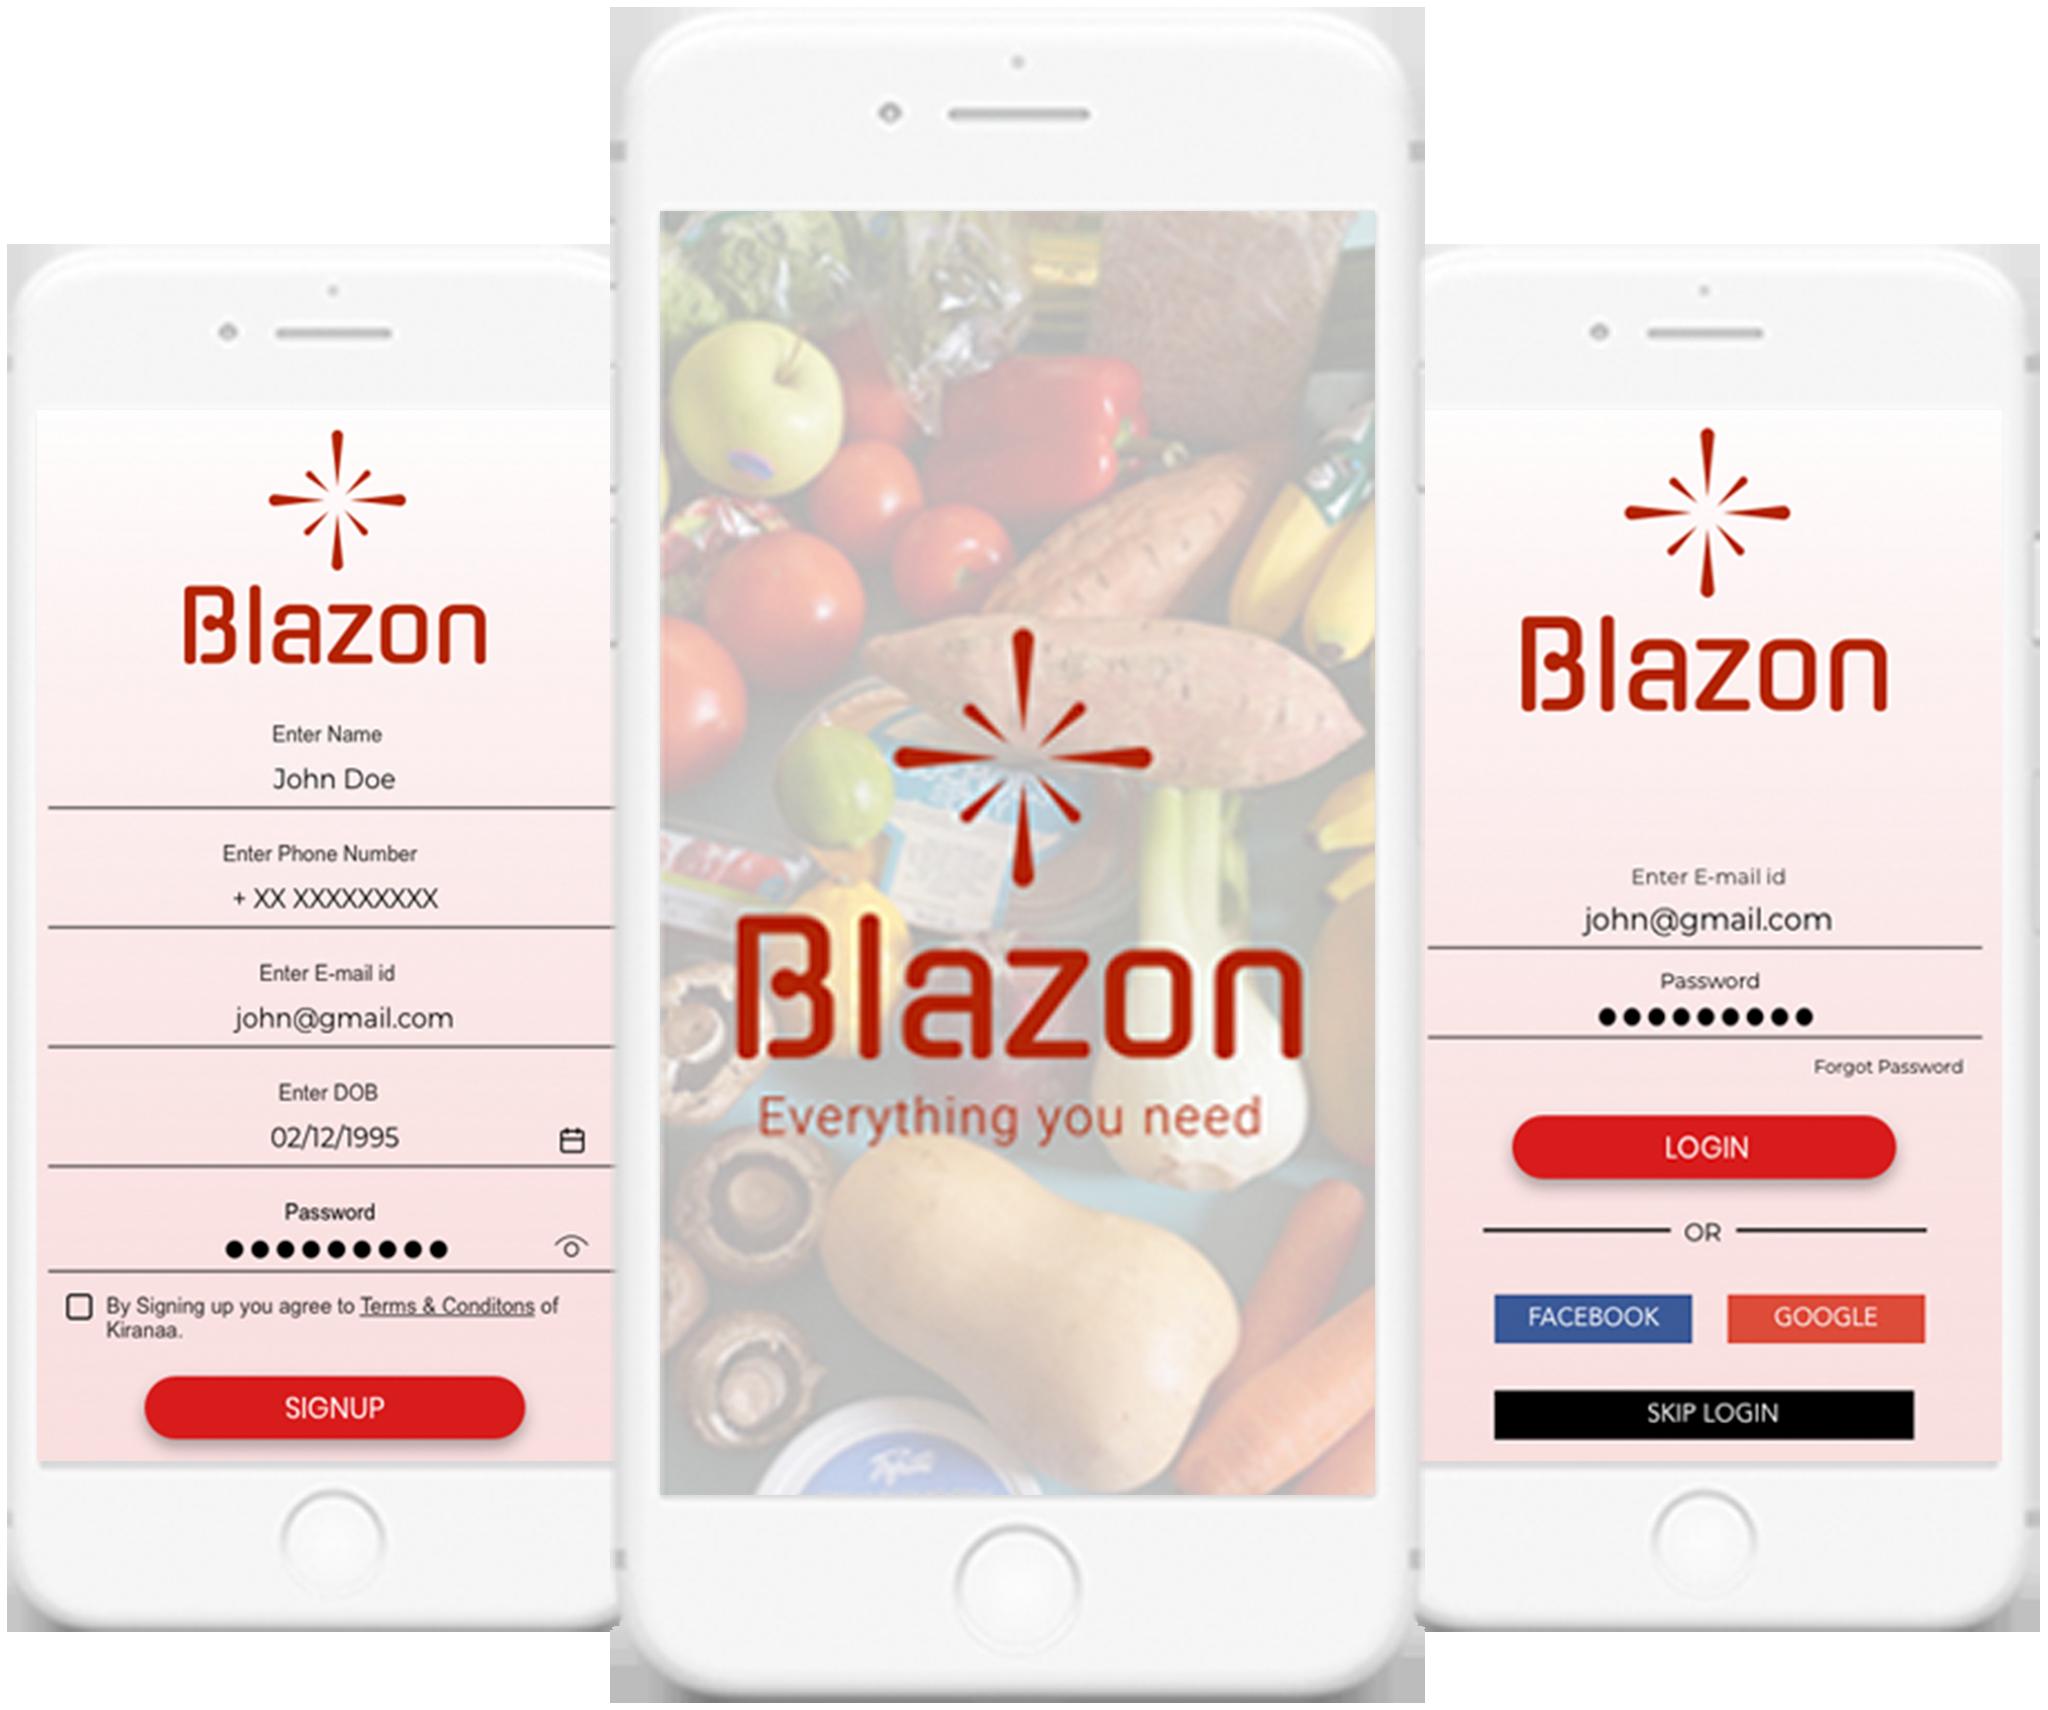 Blazon - Grocery Ordering Platform Landing image